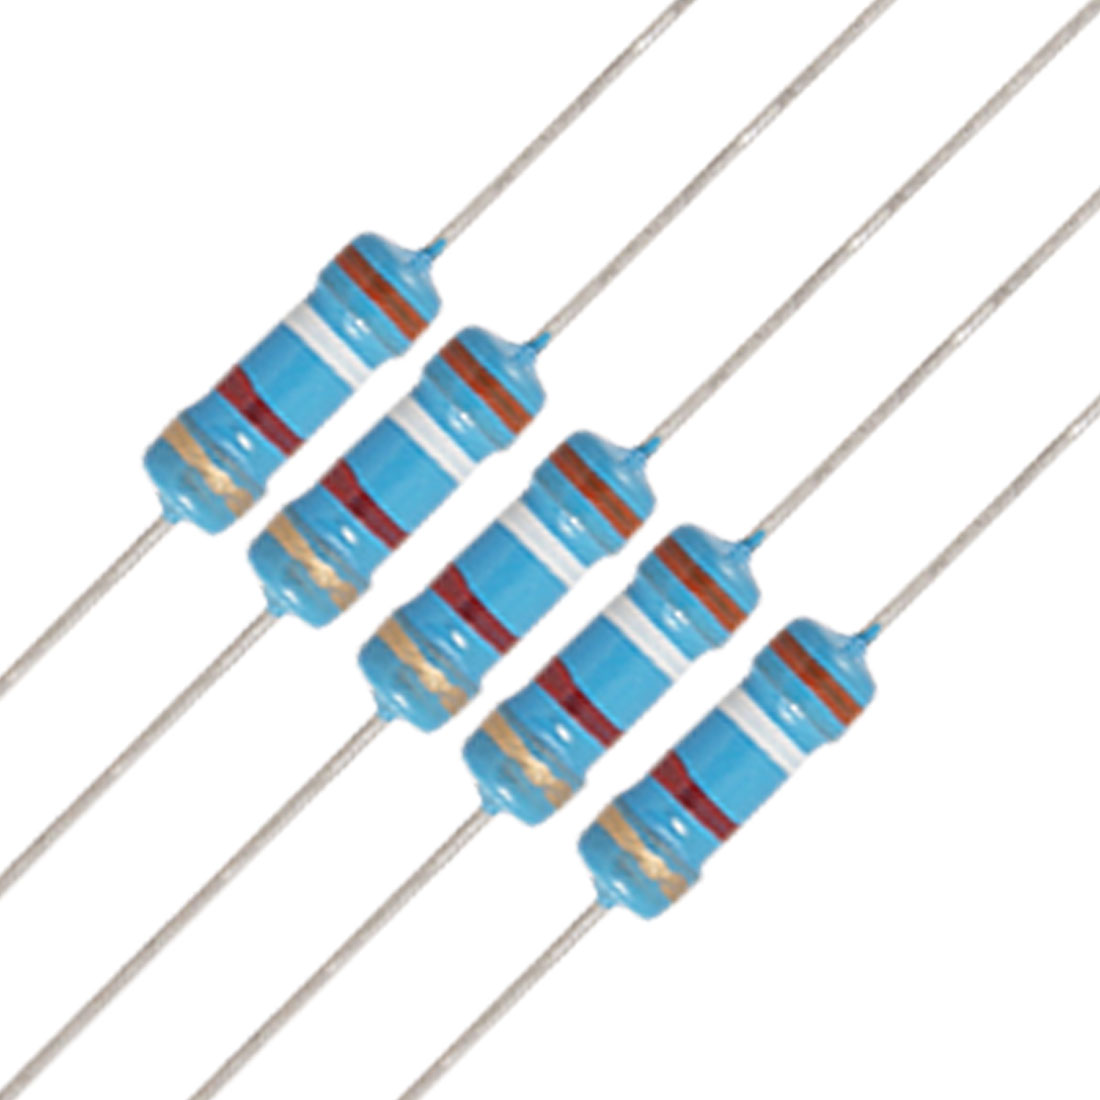 20 x 1/2W Watt 3.9K ohm 3K9 Carbon Film Resistor 0.5W